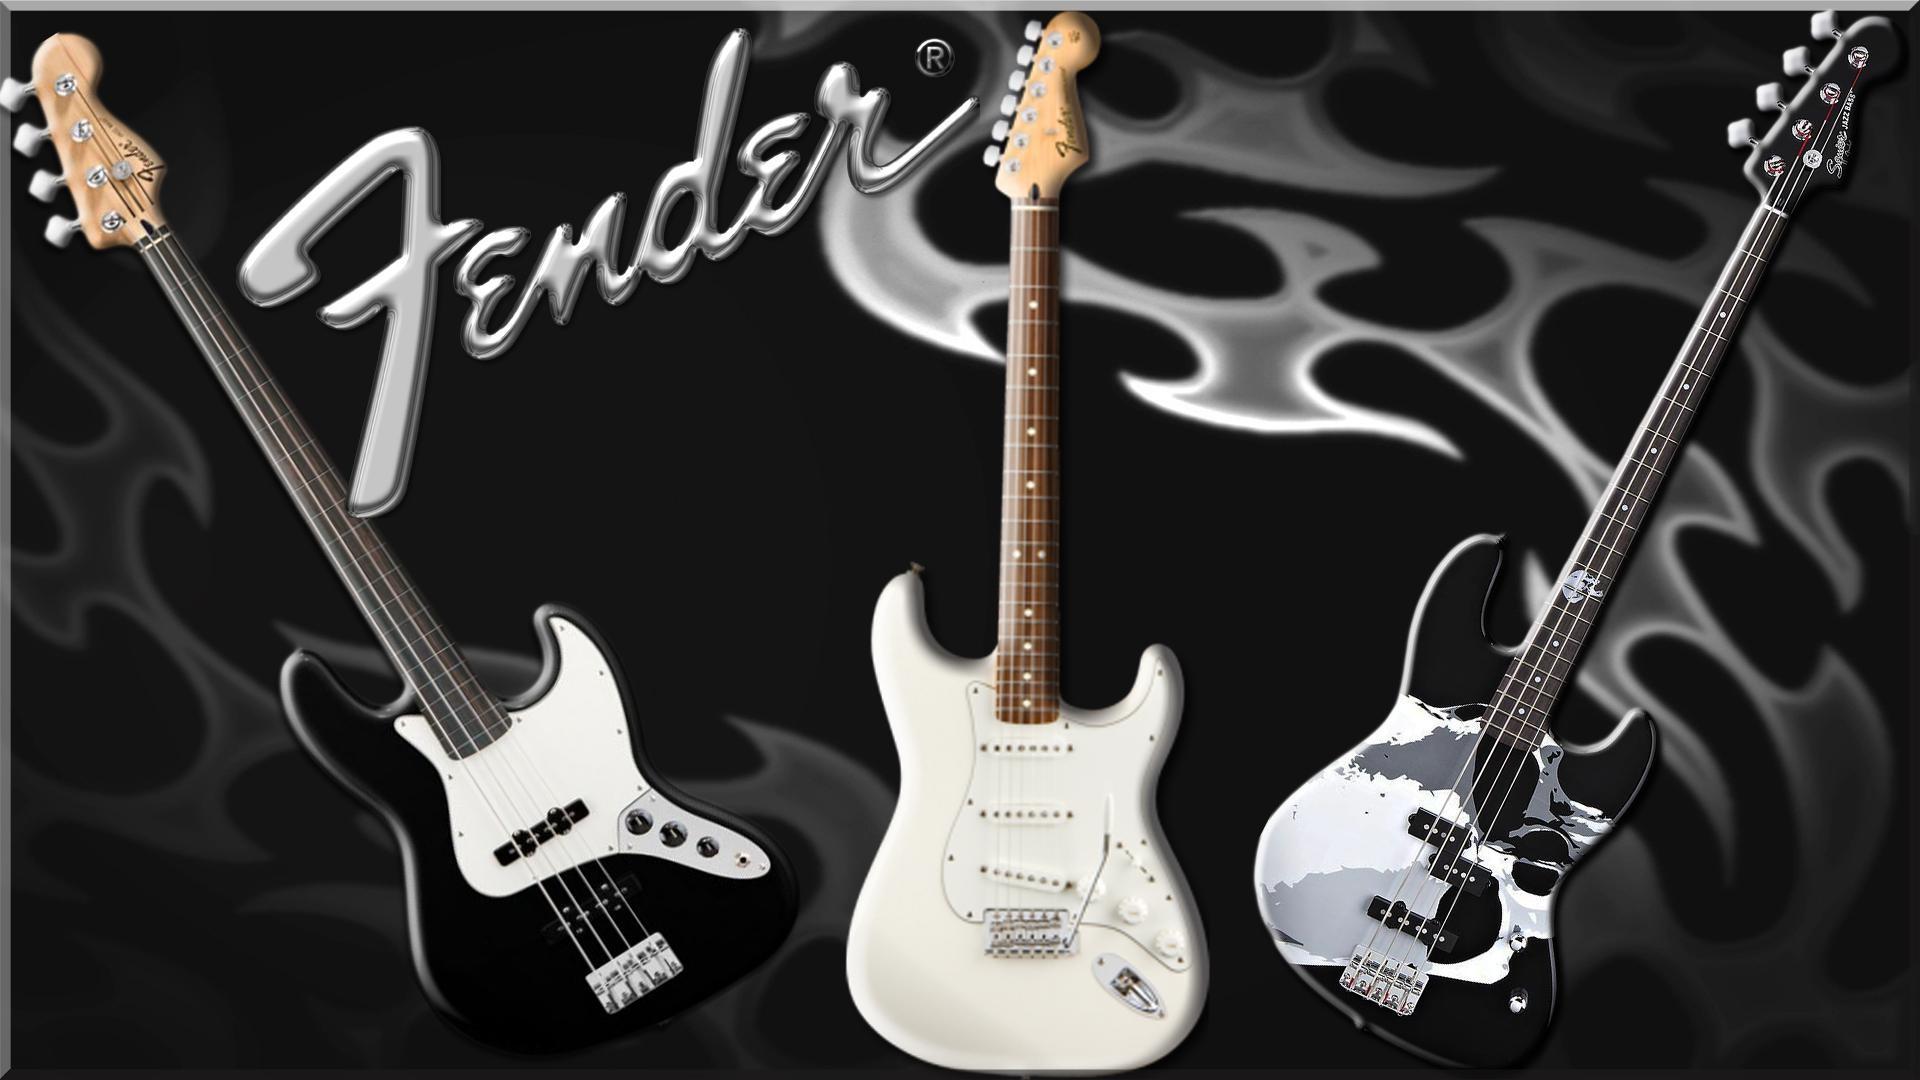 Fender Bass Guitar – Music Wallpaper ID 1422711 – Desktop Nexus  Entertainment